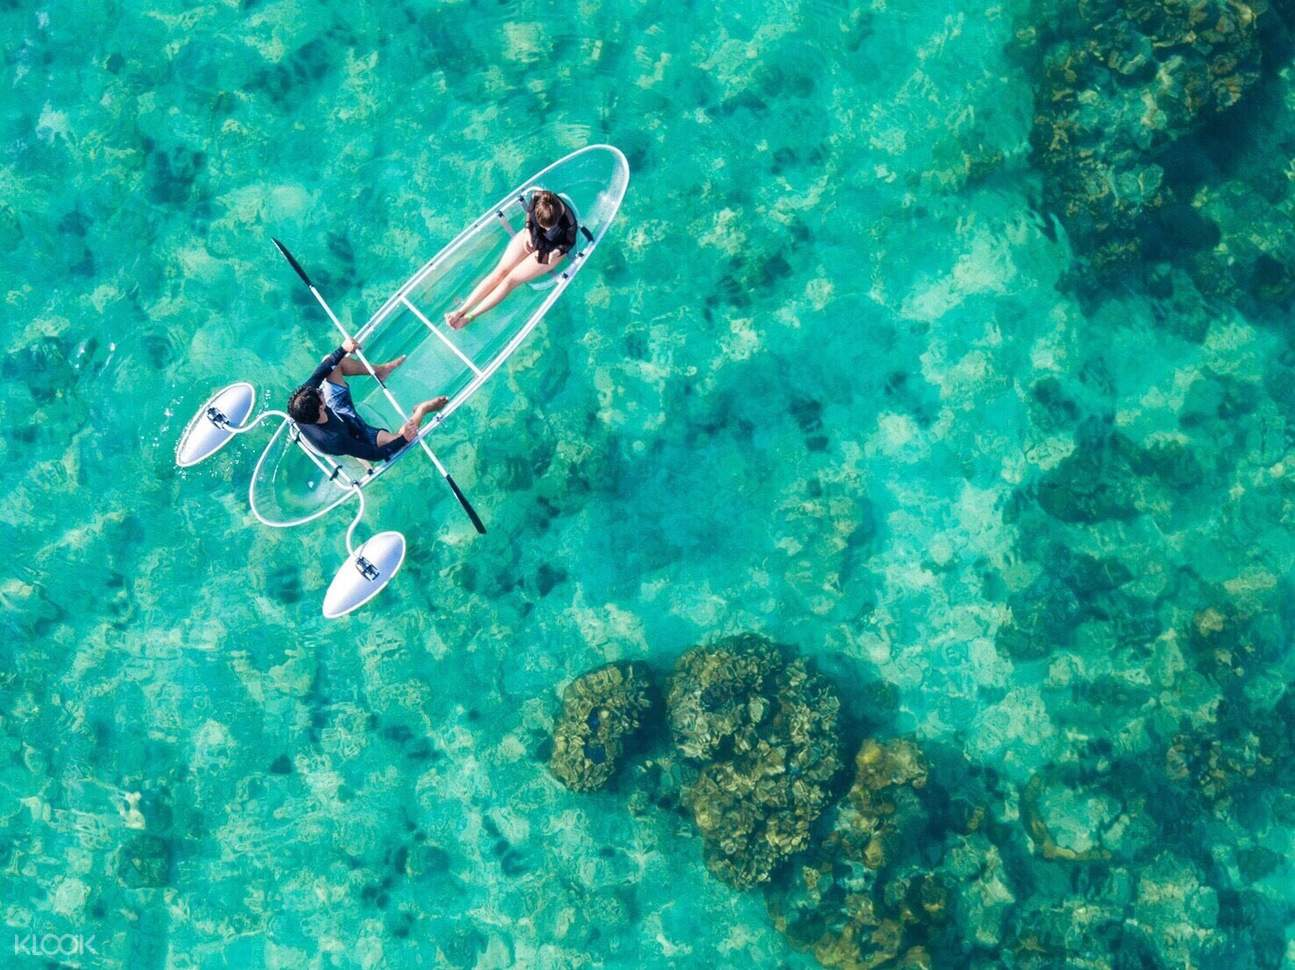 glass-bottom kayak on the sea